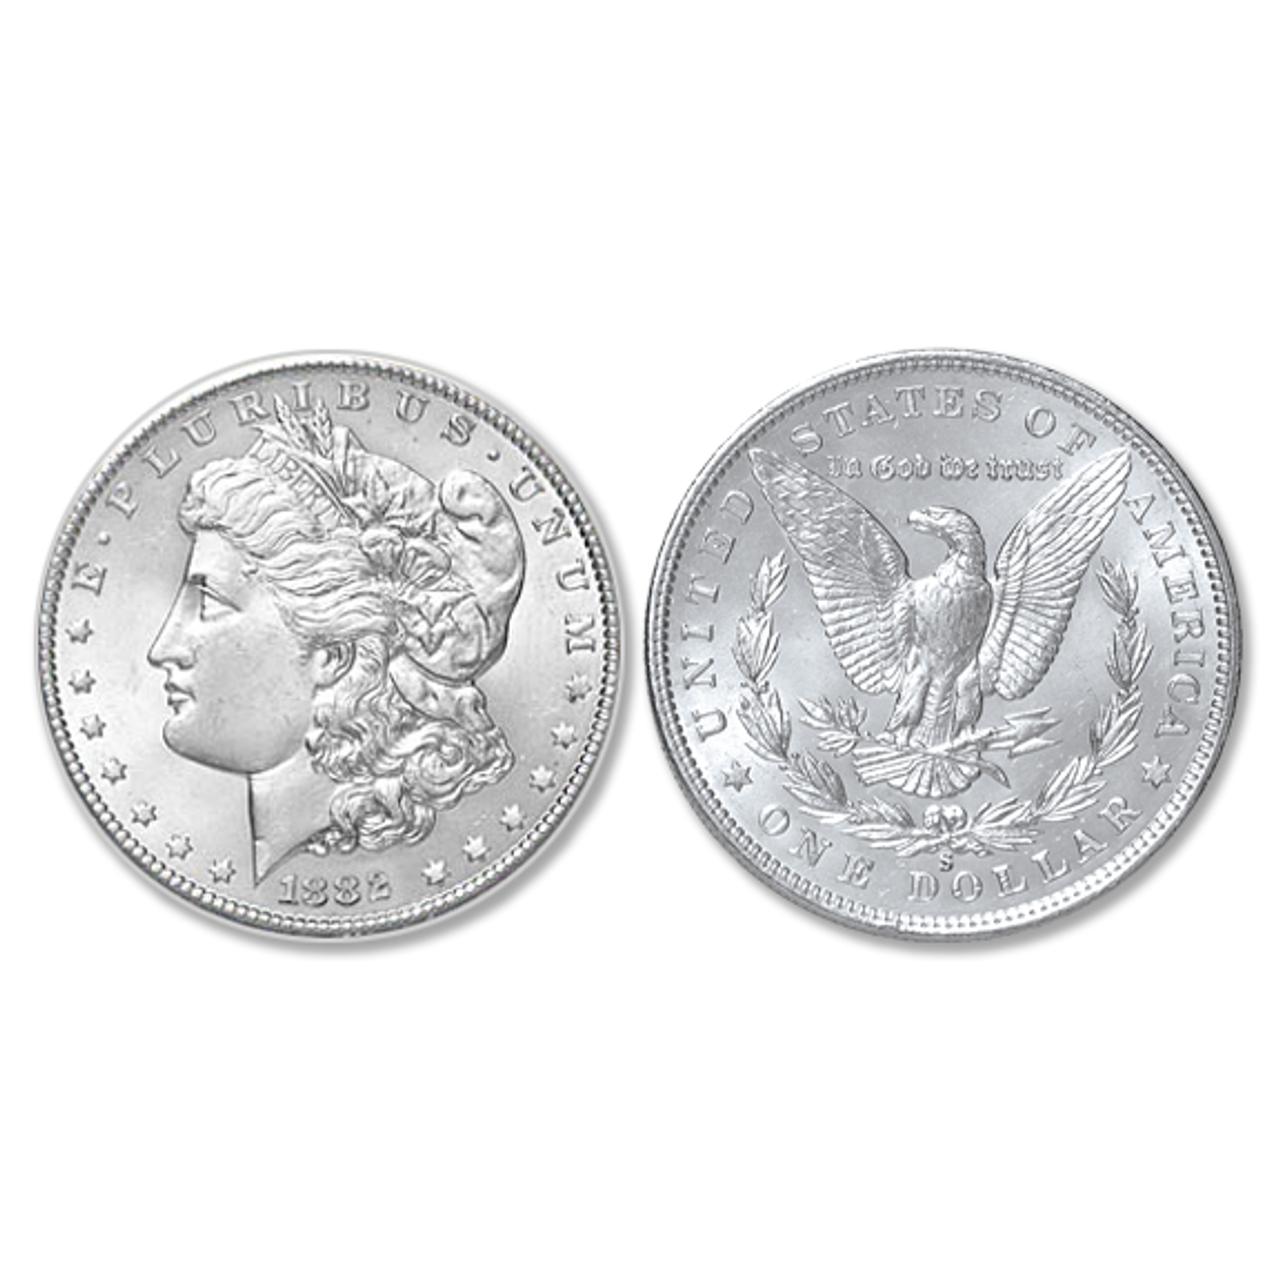 1882-S Morgan Silver Dollar - Brilliant Uncirculated Condition